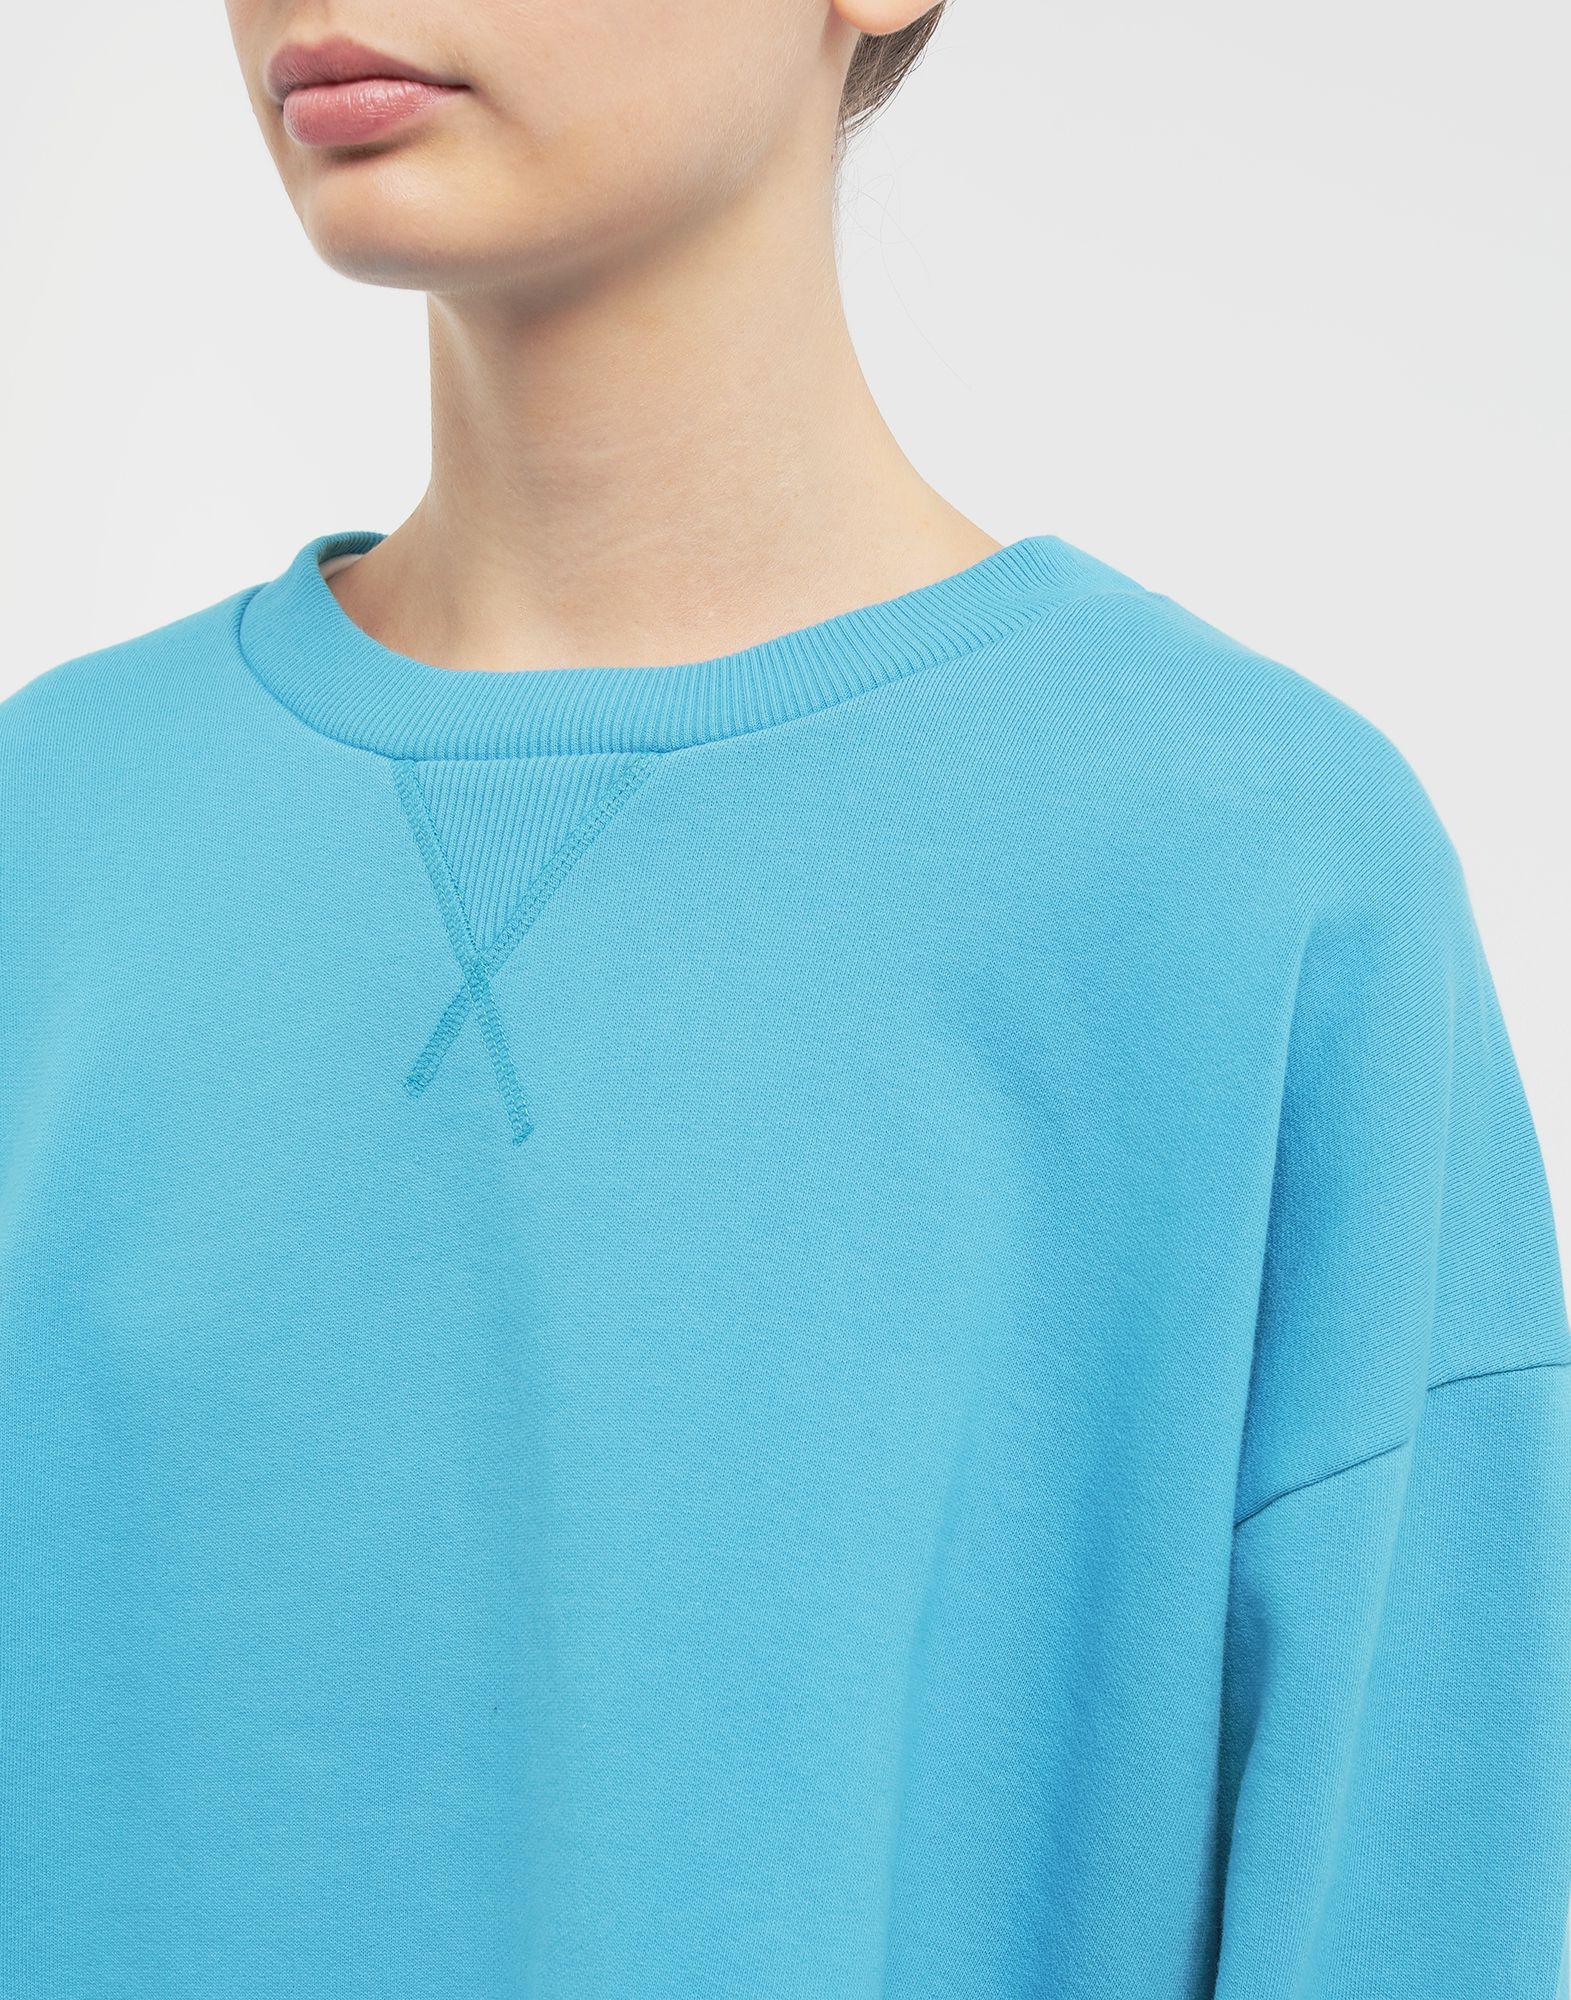 MM6 MAISON MARGIELA Oversized jersey sweatshirt Sweatshirt Woman a